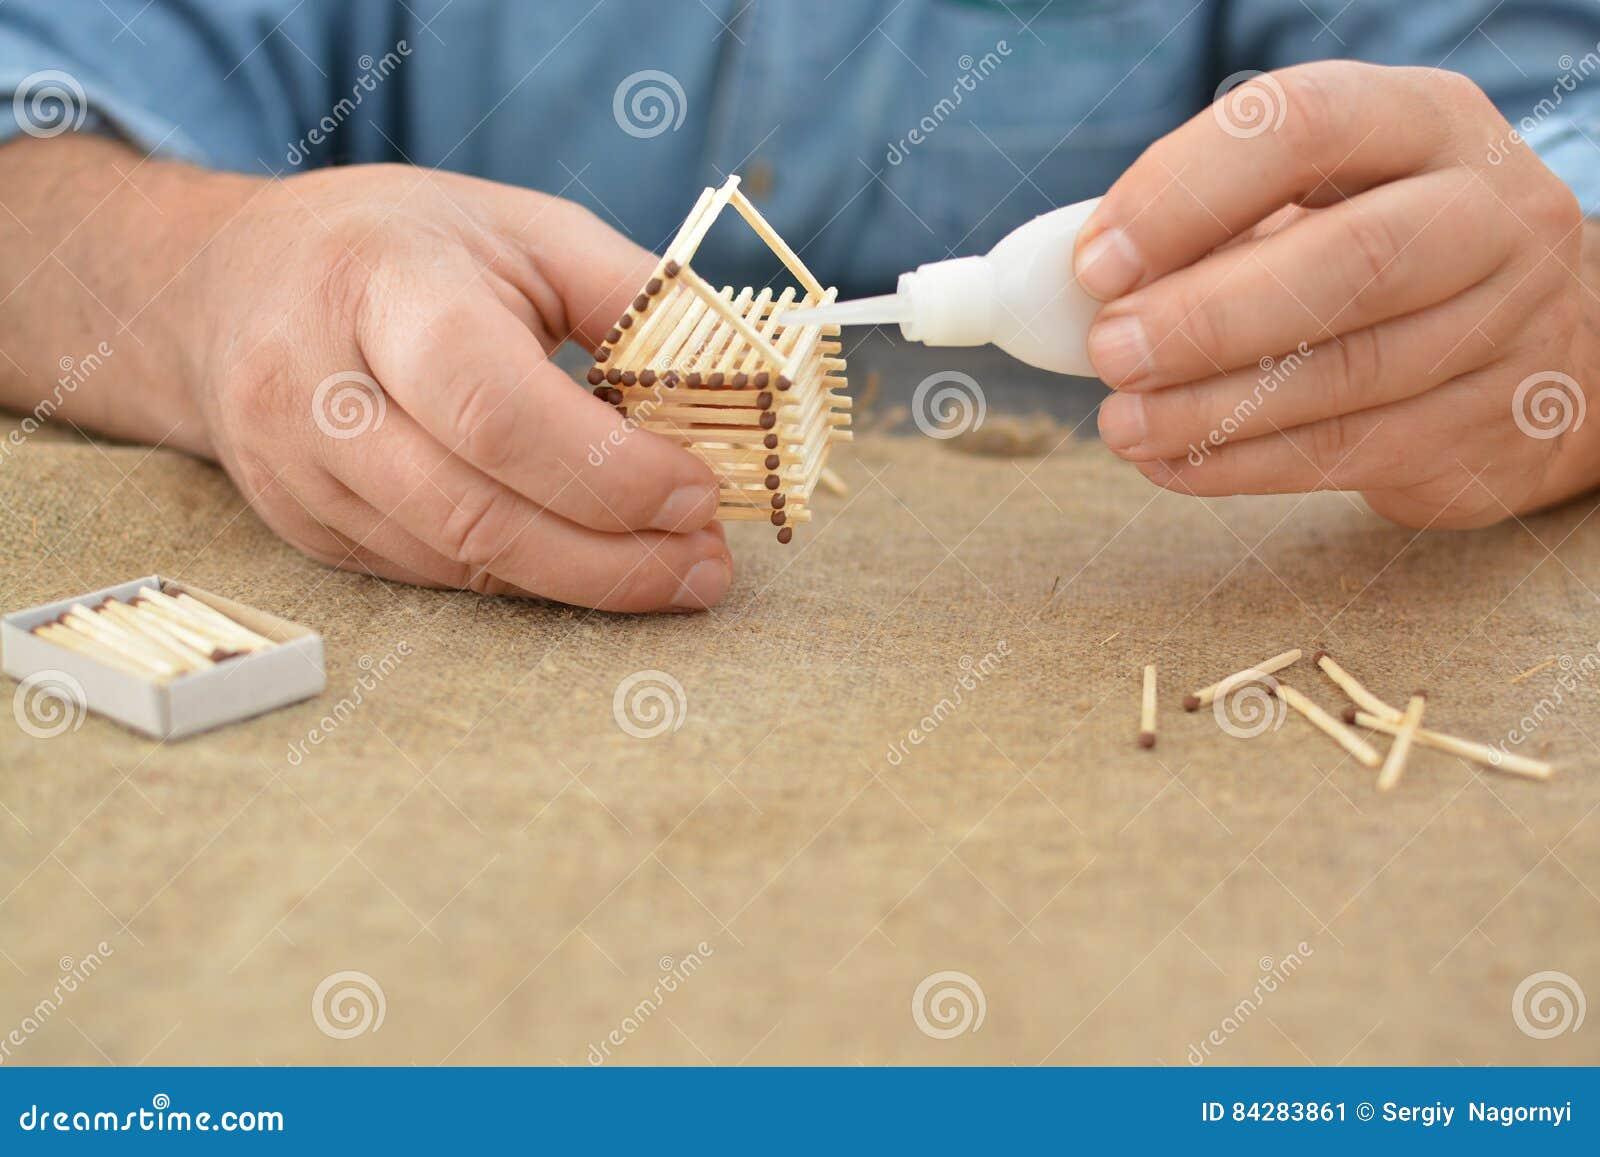 L Uomo E Impegnato Nella Casa Manuale Della Colla Del Lavoro Con Le